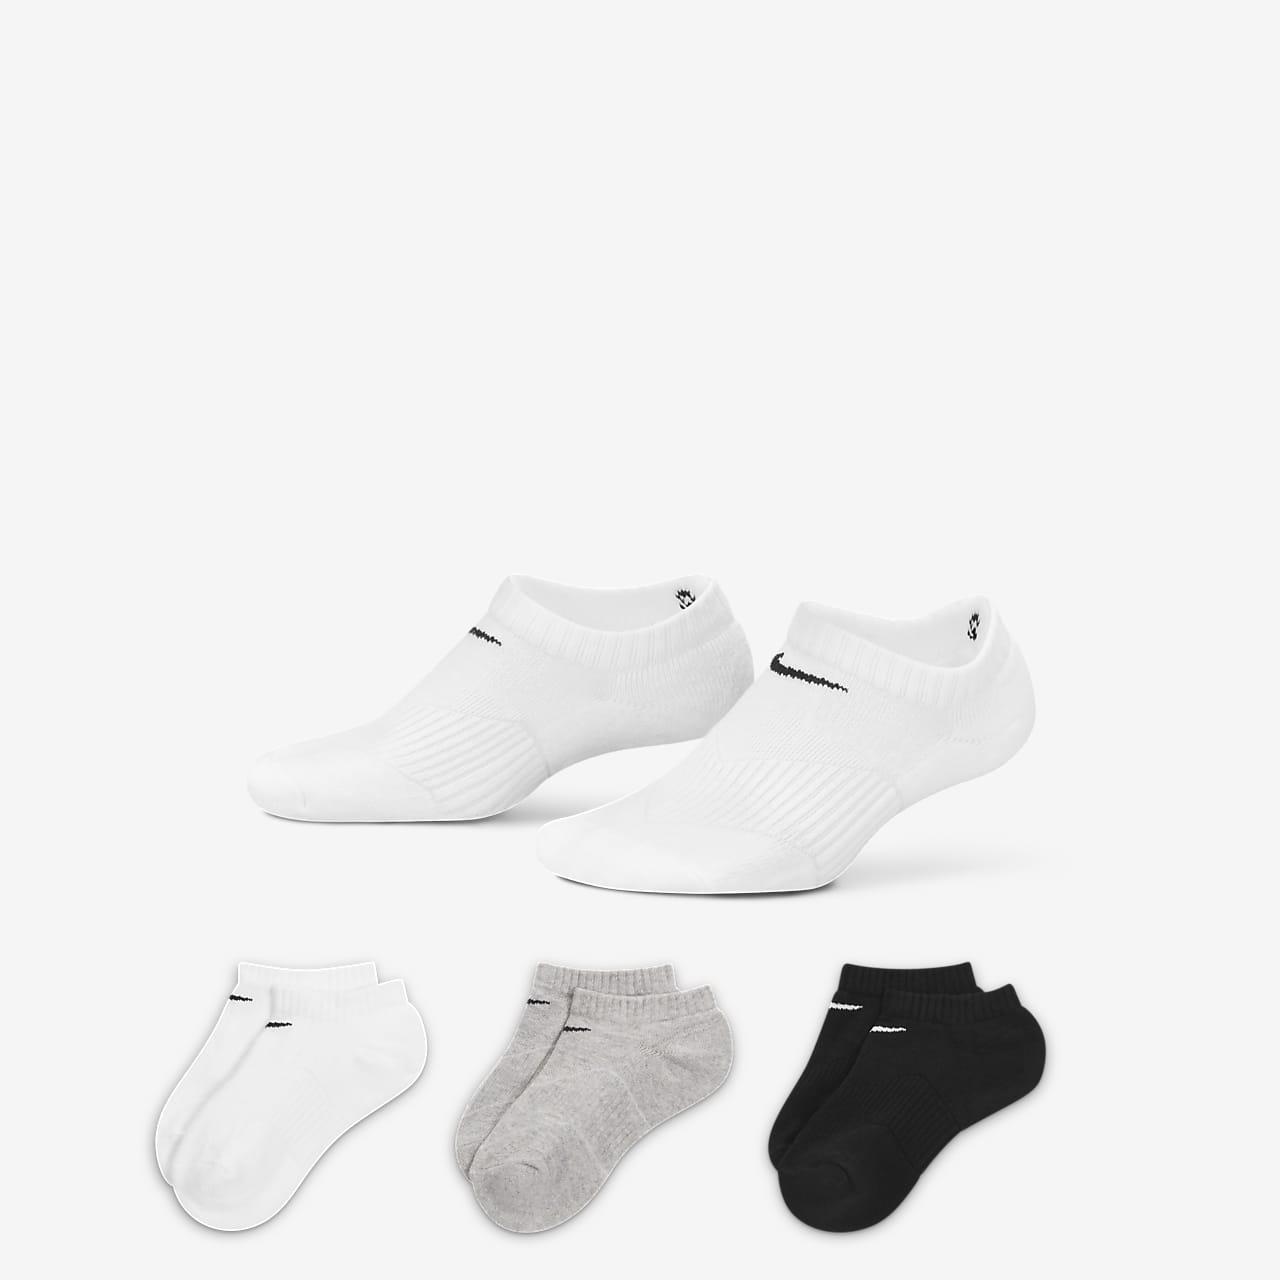 Носки для школьников Nike Performance Cushion No-Show (3 пары)